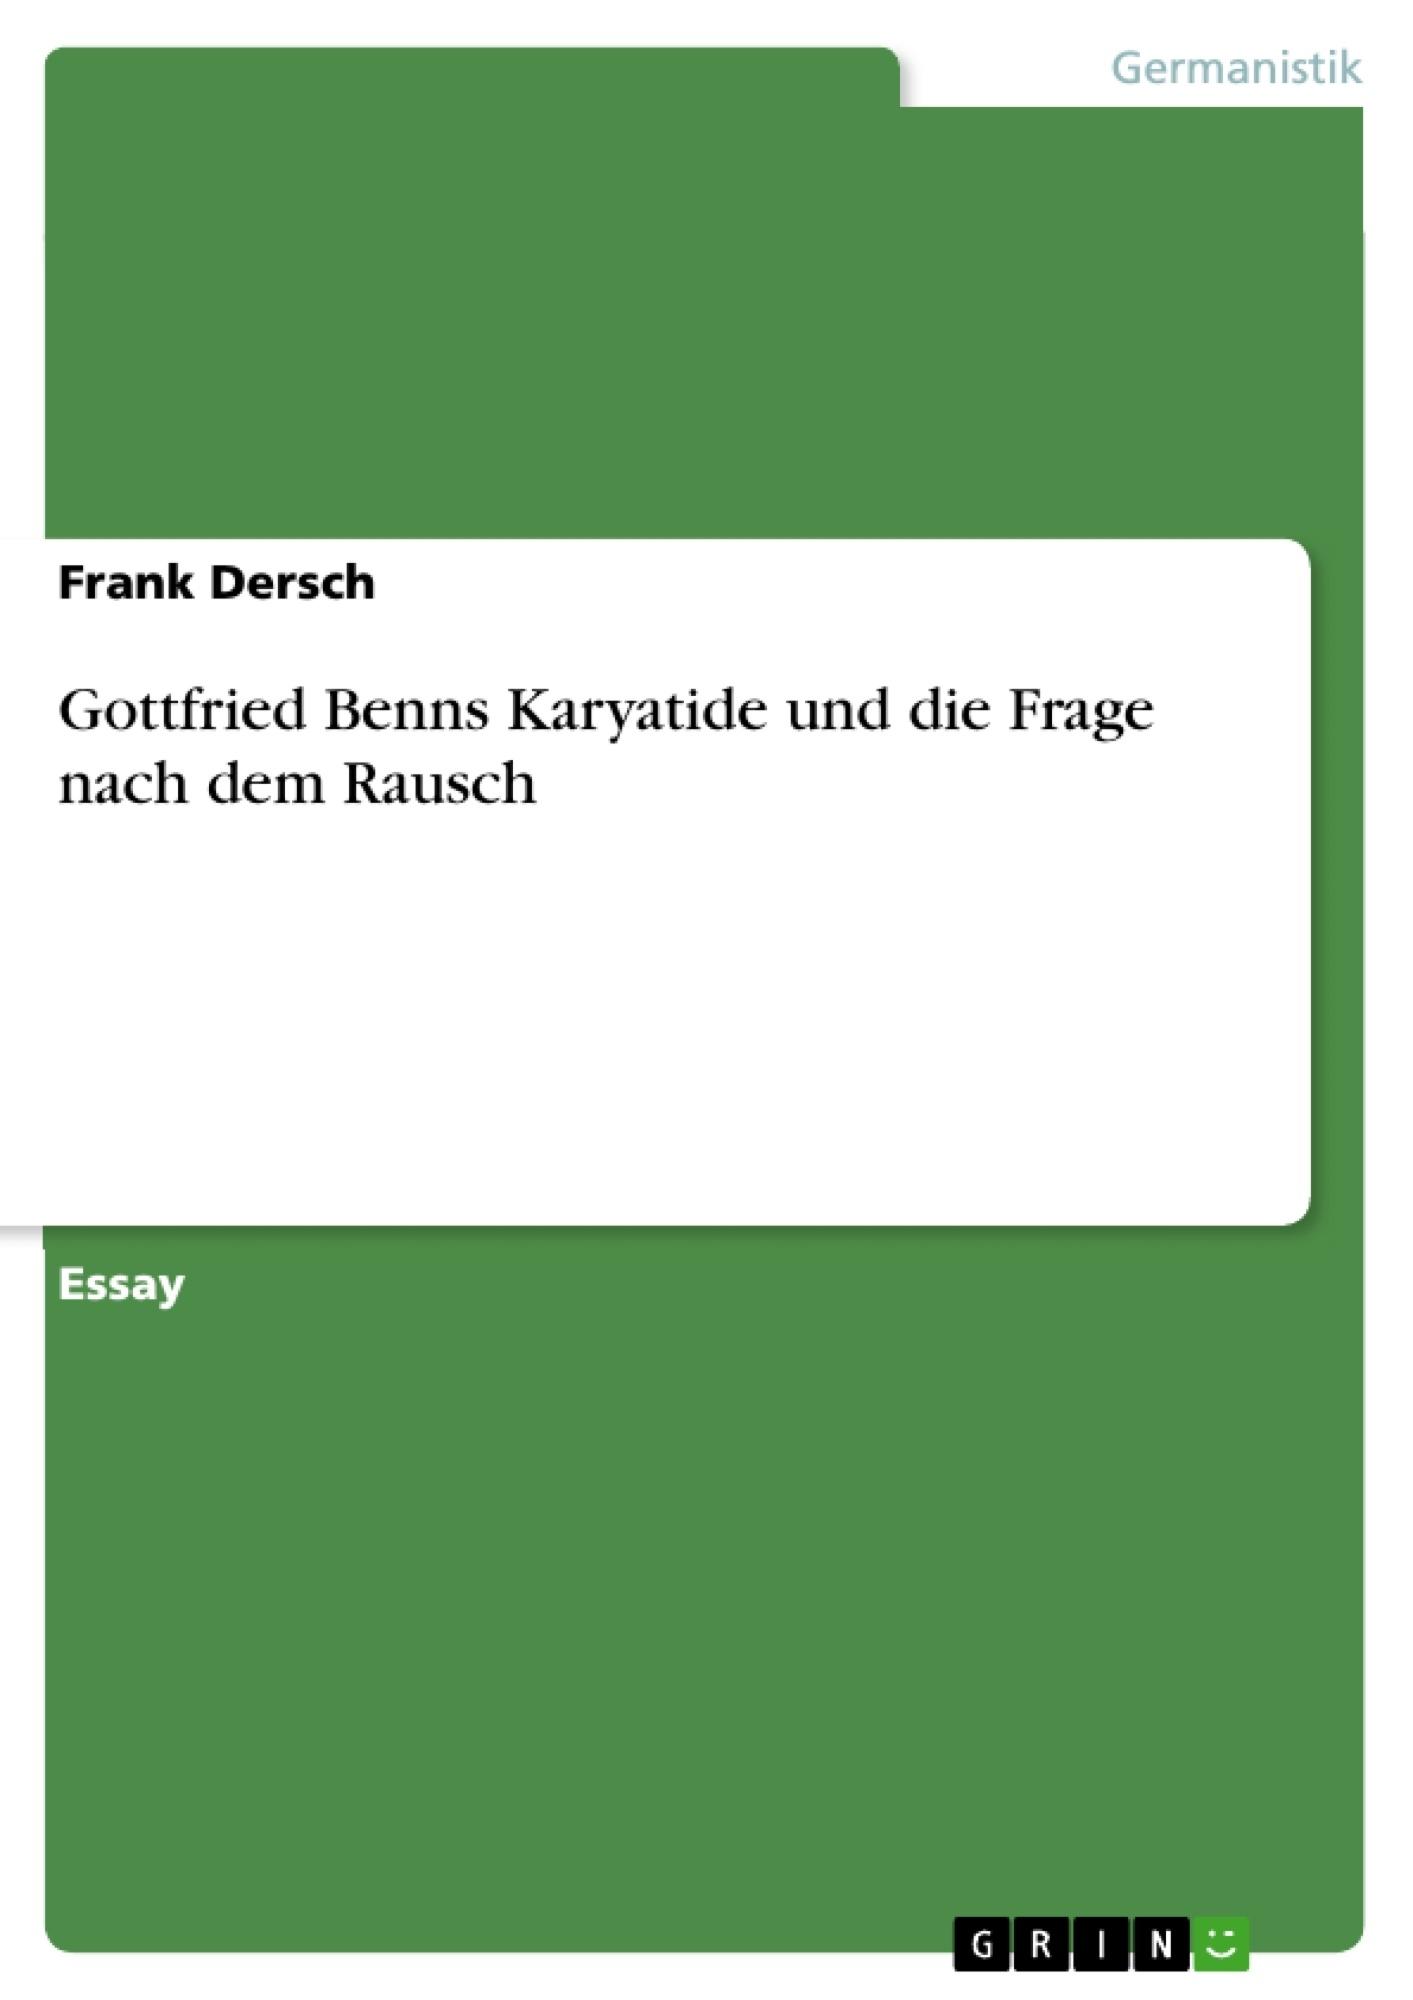 Titel: Gottfried Benns Karyatide und die Frage nach dem Rausch